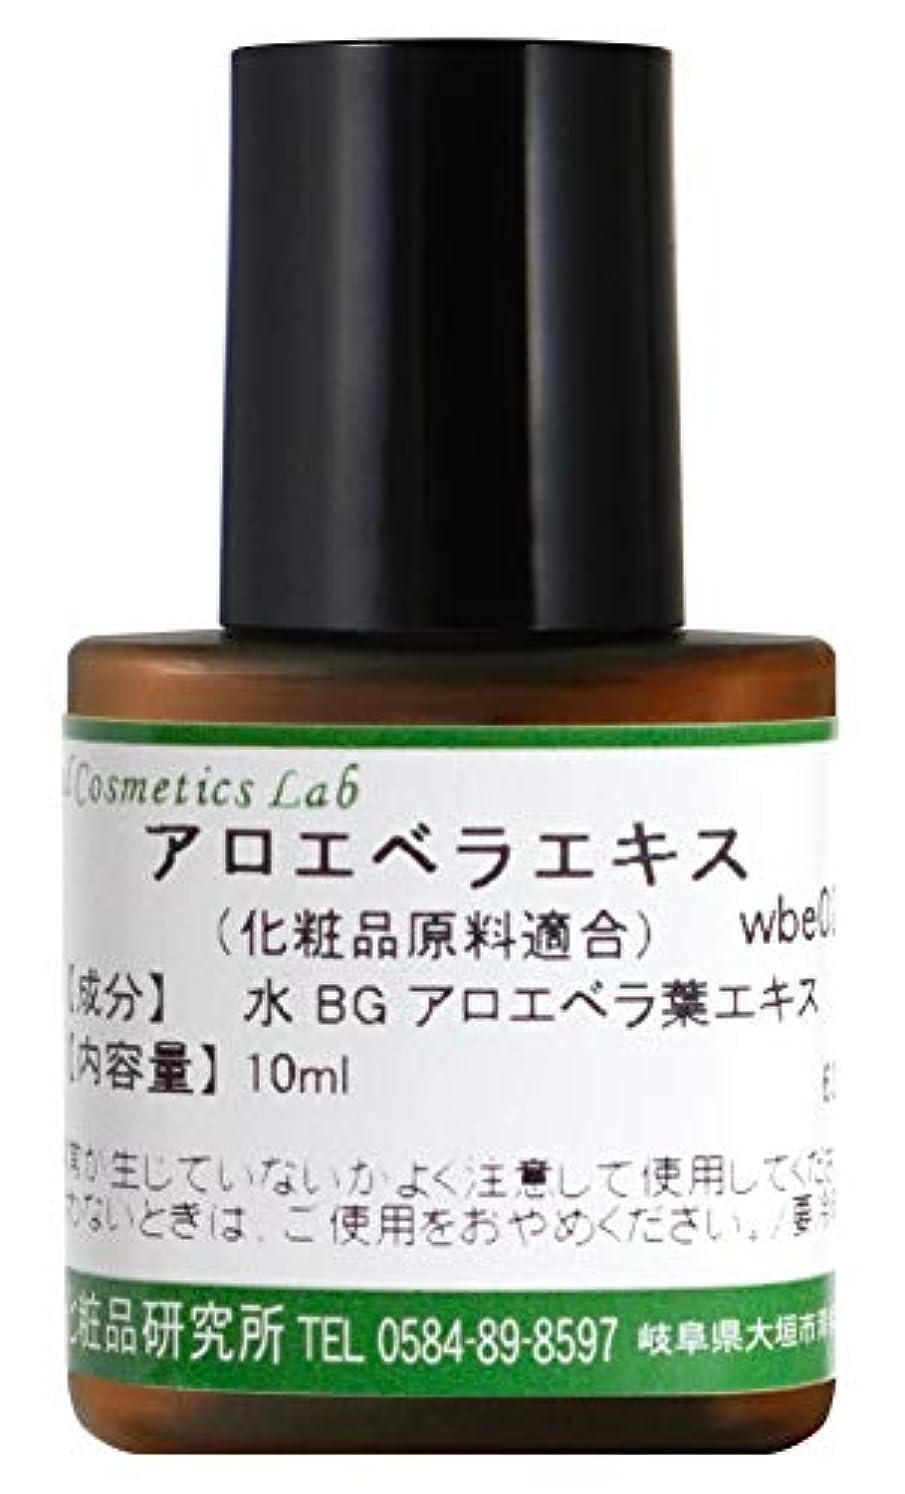 役割テクニカルヘルパーアロエベラエキス 化粧品原料 10ml